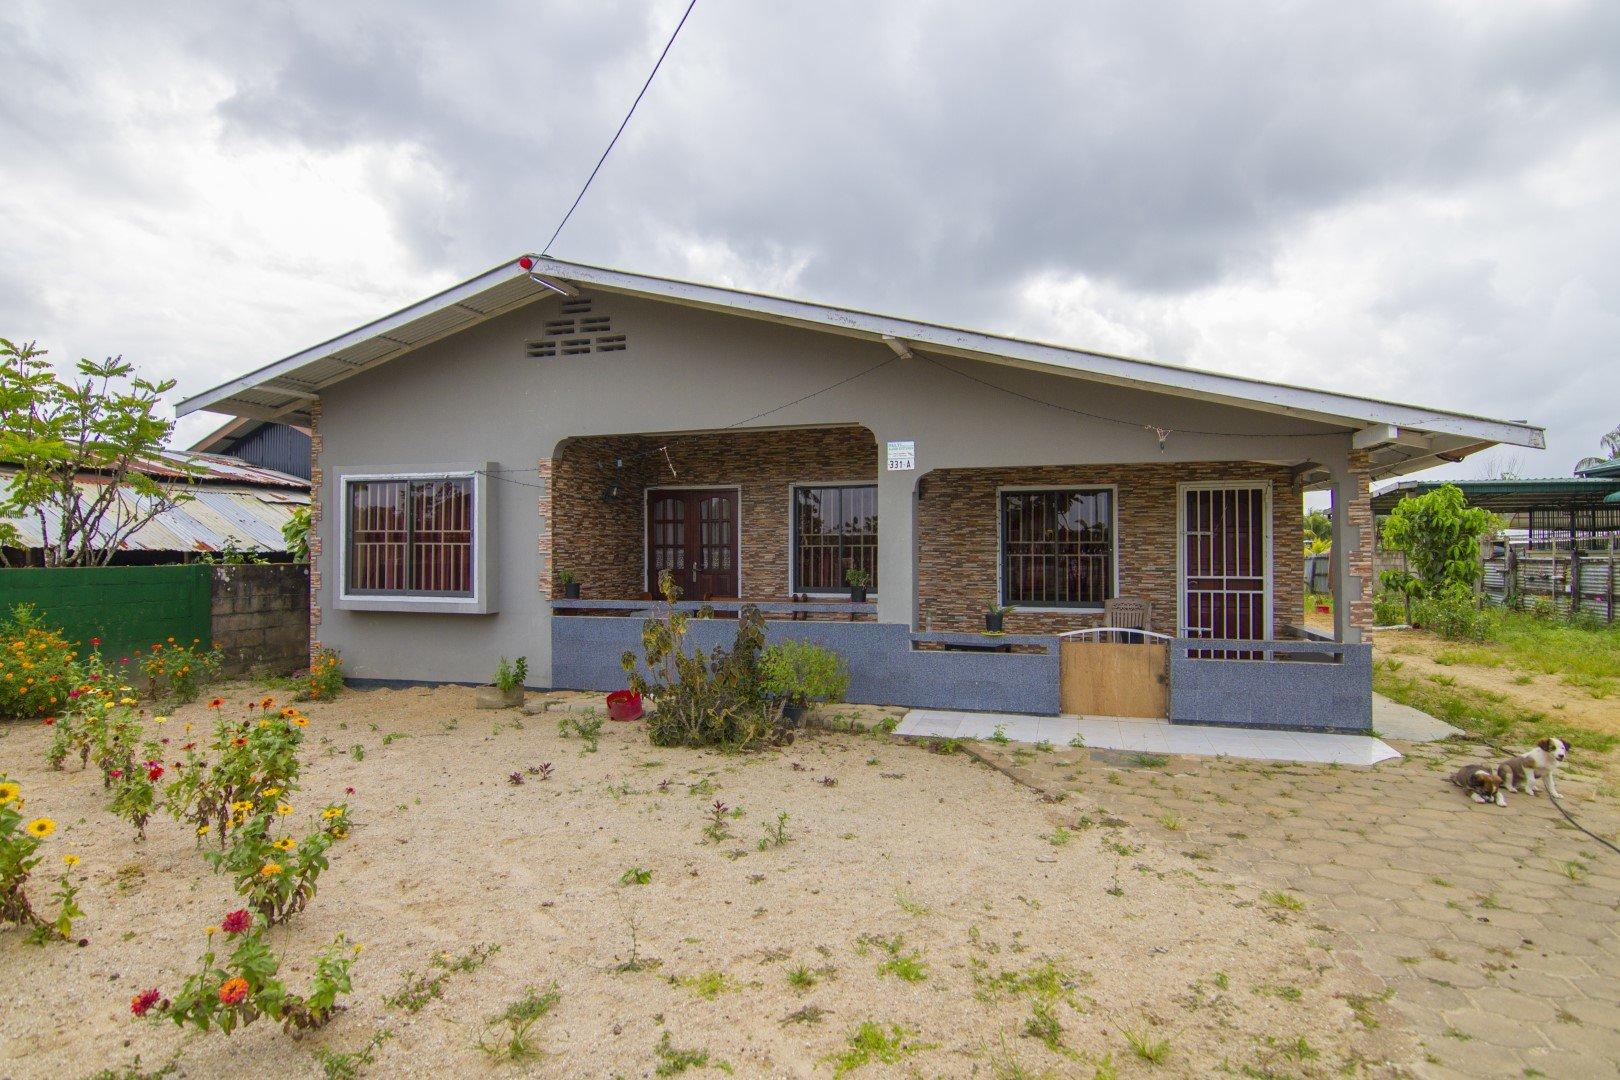 Chandiesawweg 331a - Landelijk wonen in het bananen district Saramacca te Jarikaba? - Surgoed Makelaardij NV - Paramaribo, Suriname